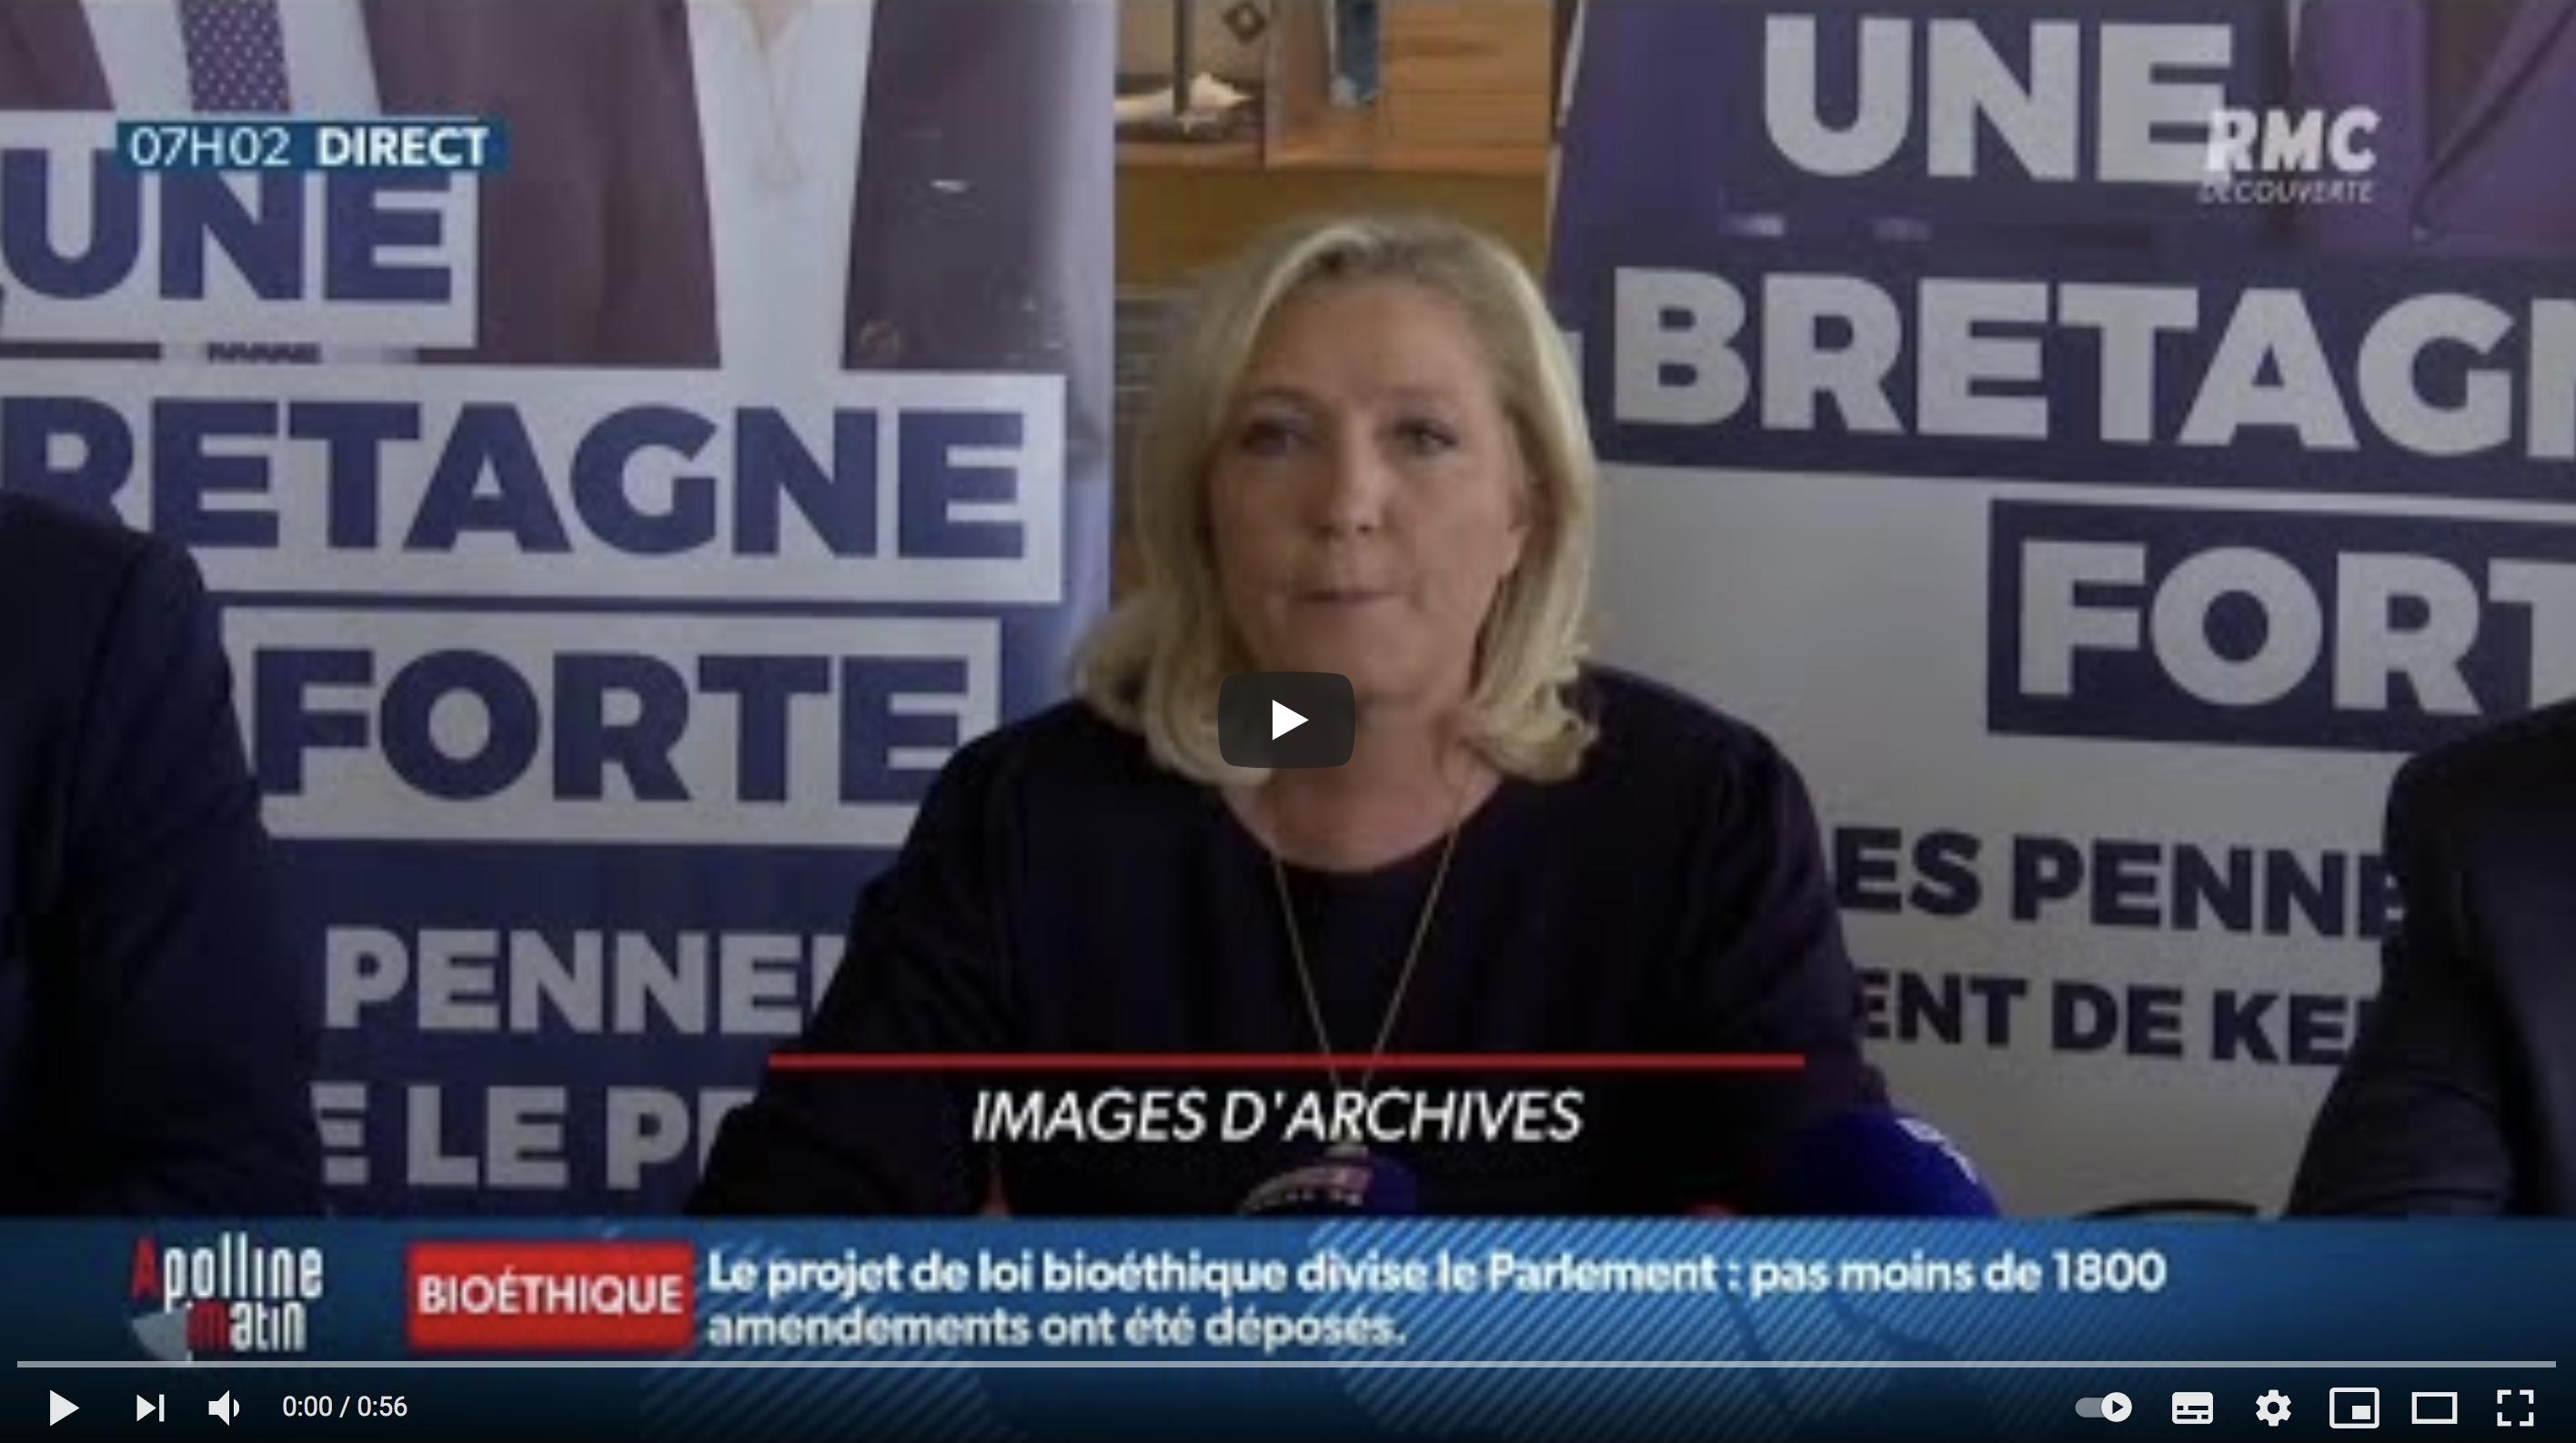 Éric Zemmour candidat ? Le Rassemblement National met en garde l'éditorialiste (VIDÉO)